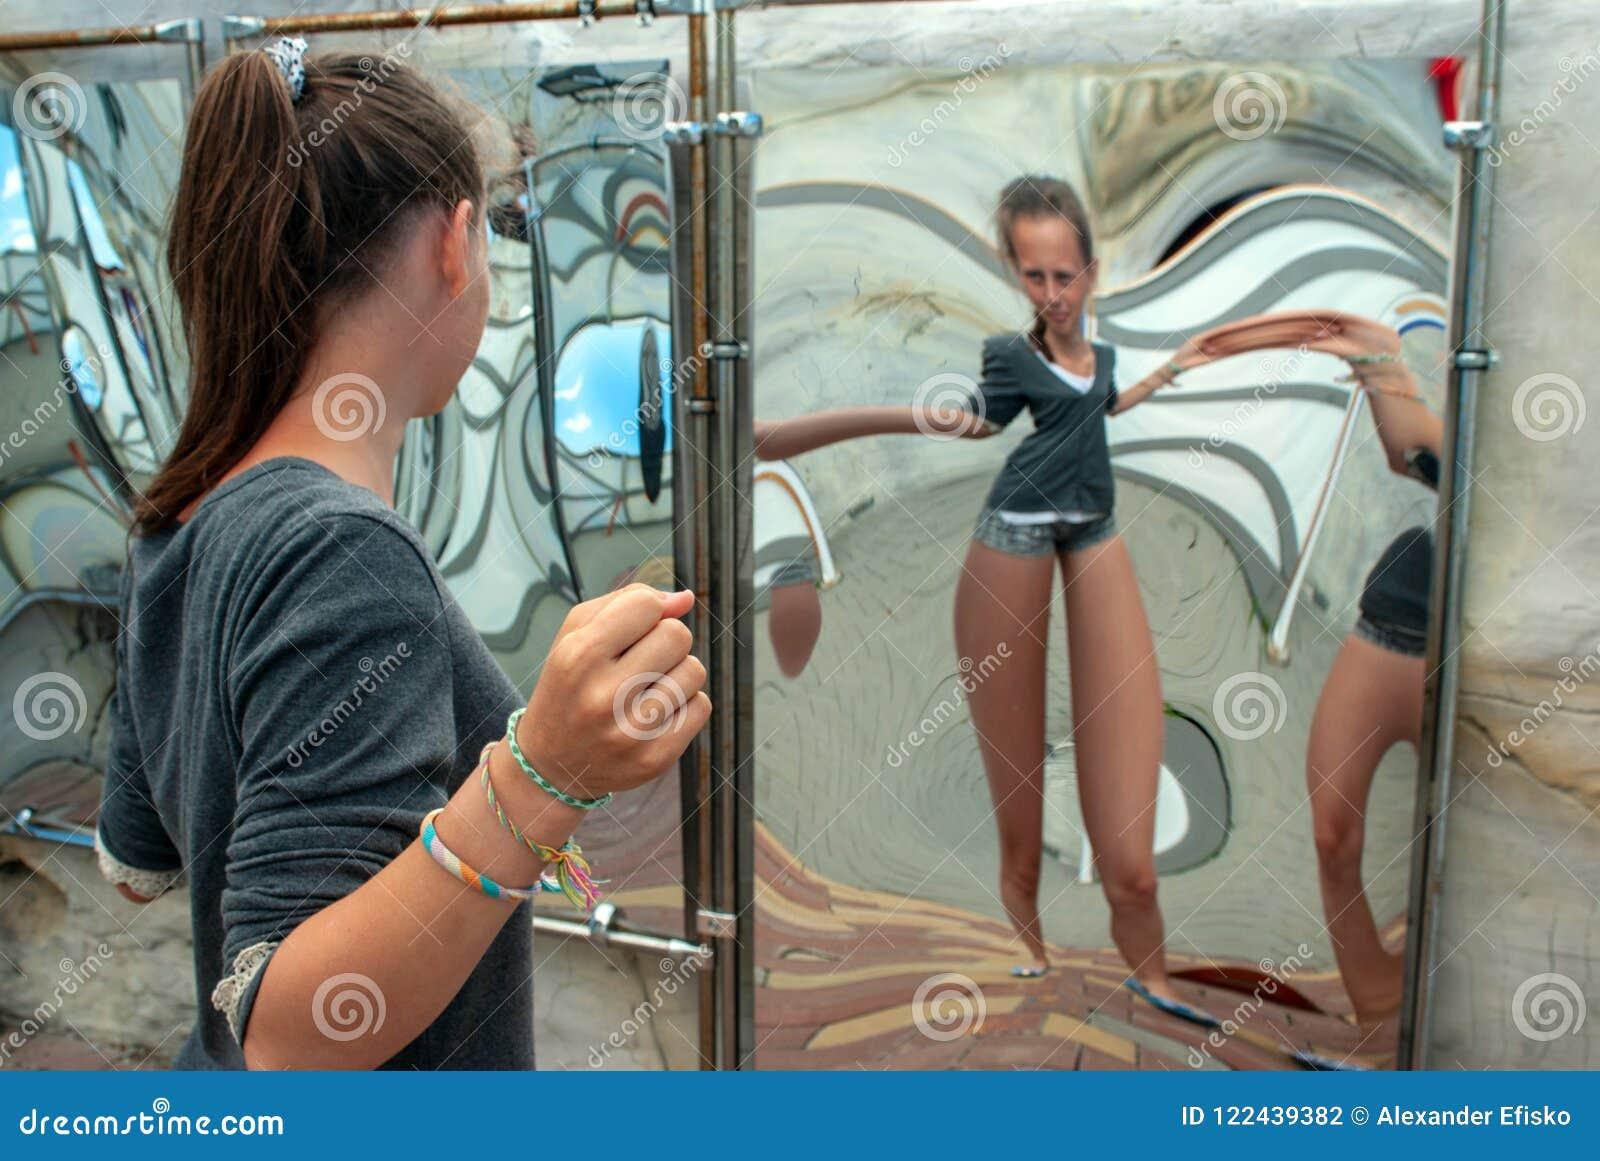 Przyciąganie, dziewczyna patrzeje jej wizerunek w zniekształcającym lustrze w sala lustra